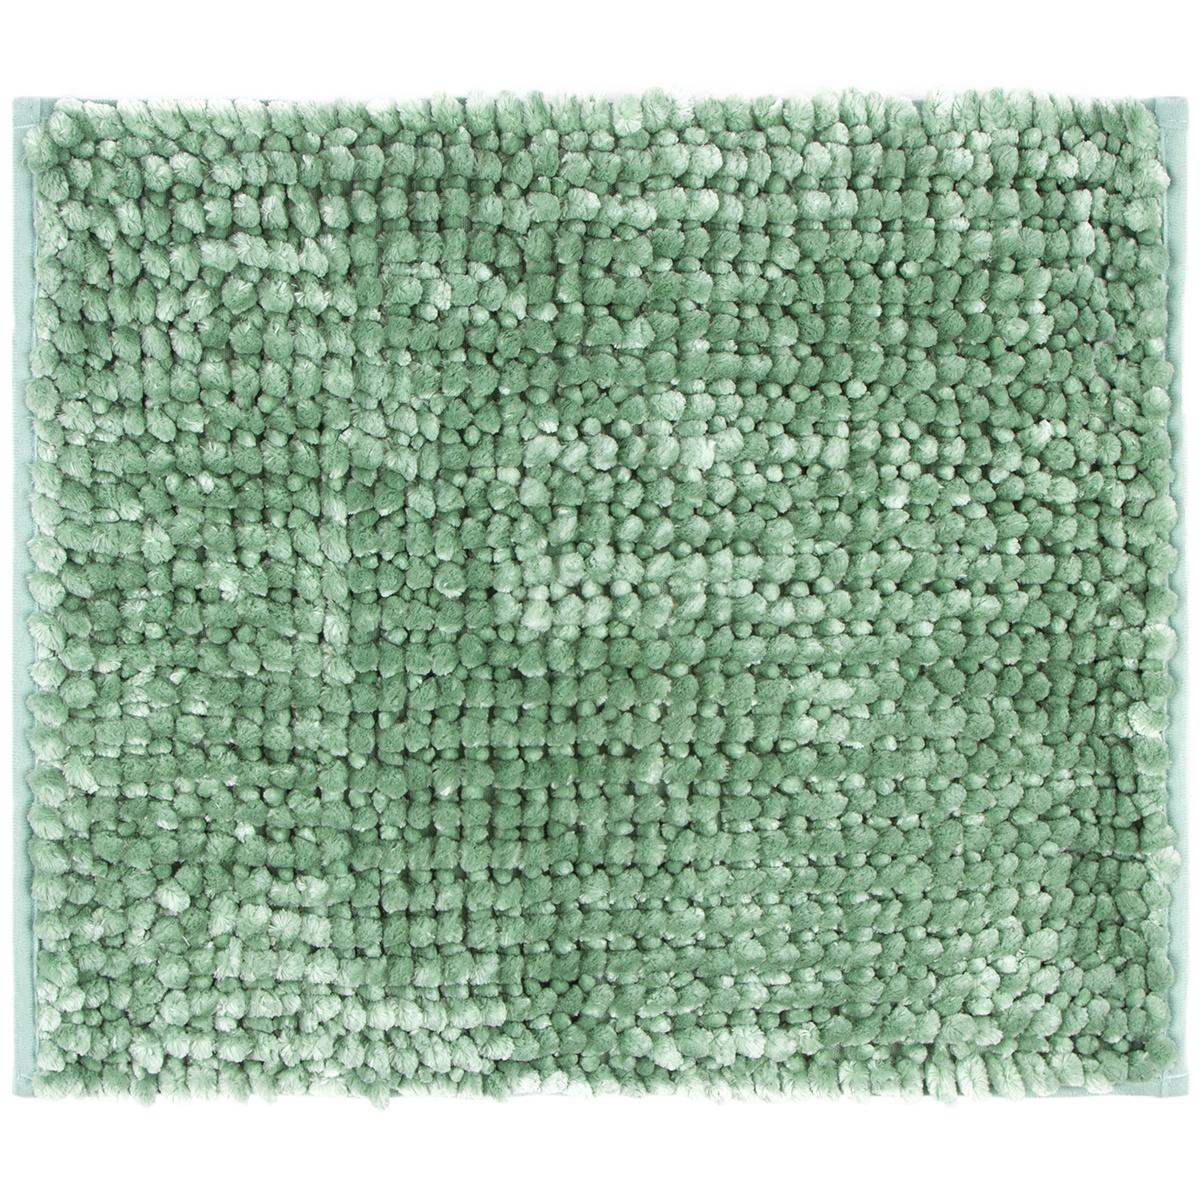 BO-MA Koupelnová předložka Ella micro zelená, 40 x 50 cm